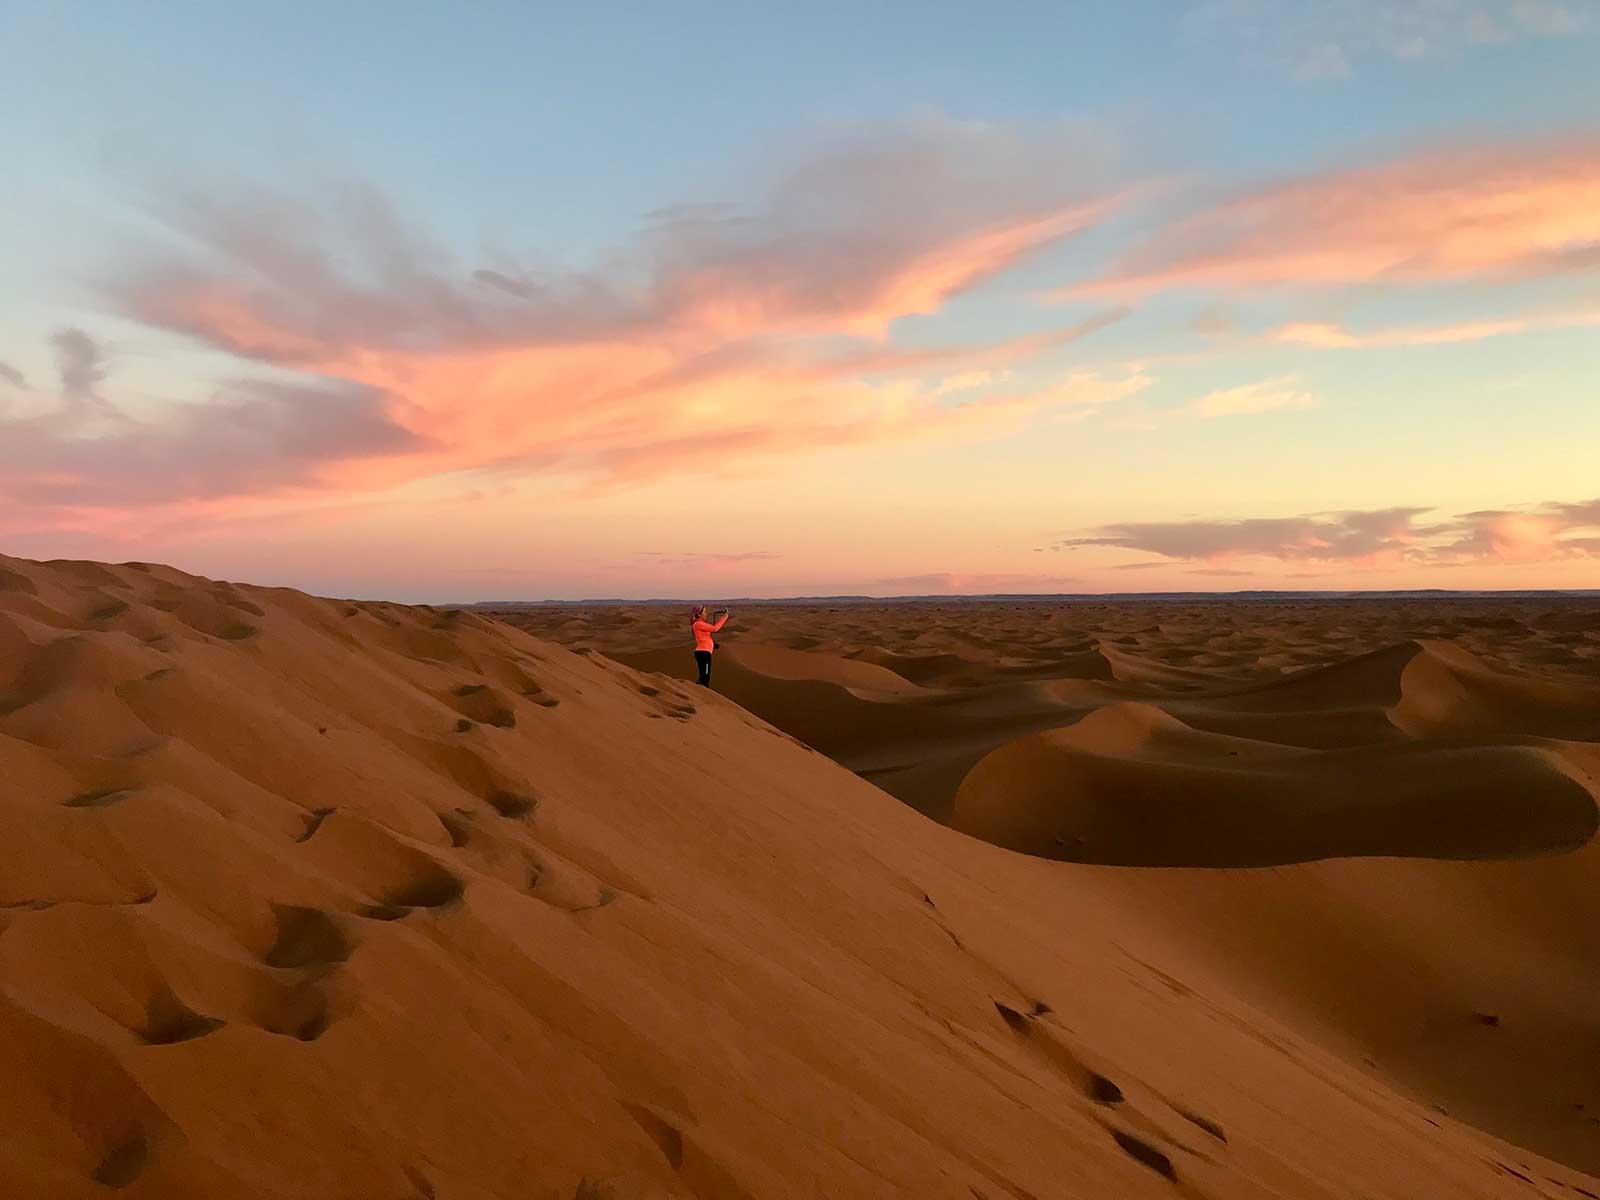 PAISAJES DE DUNAS INFINITAS Fotografía de Aleix Giralt efectuada en el viaje a Marruecos